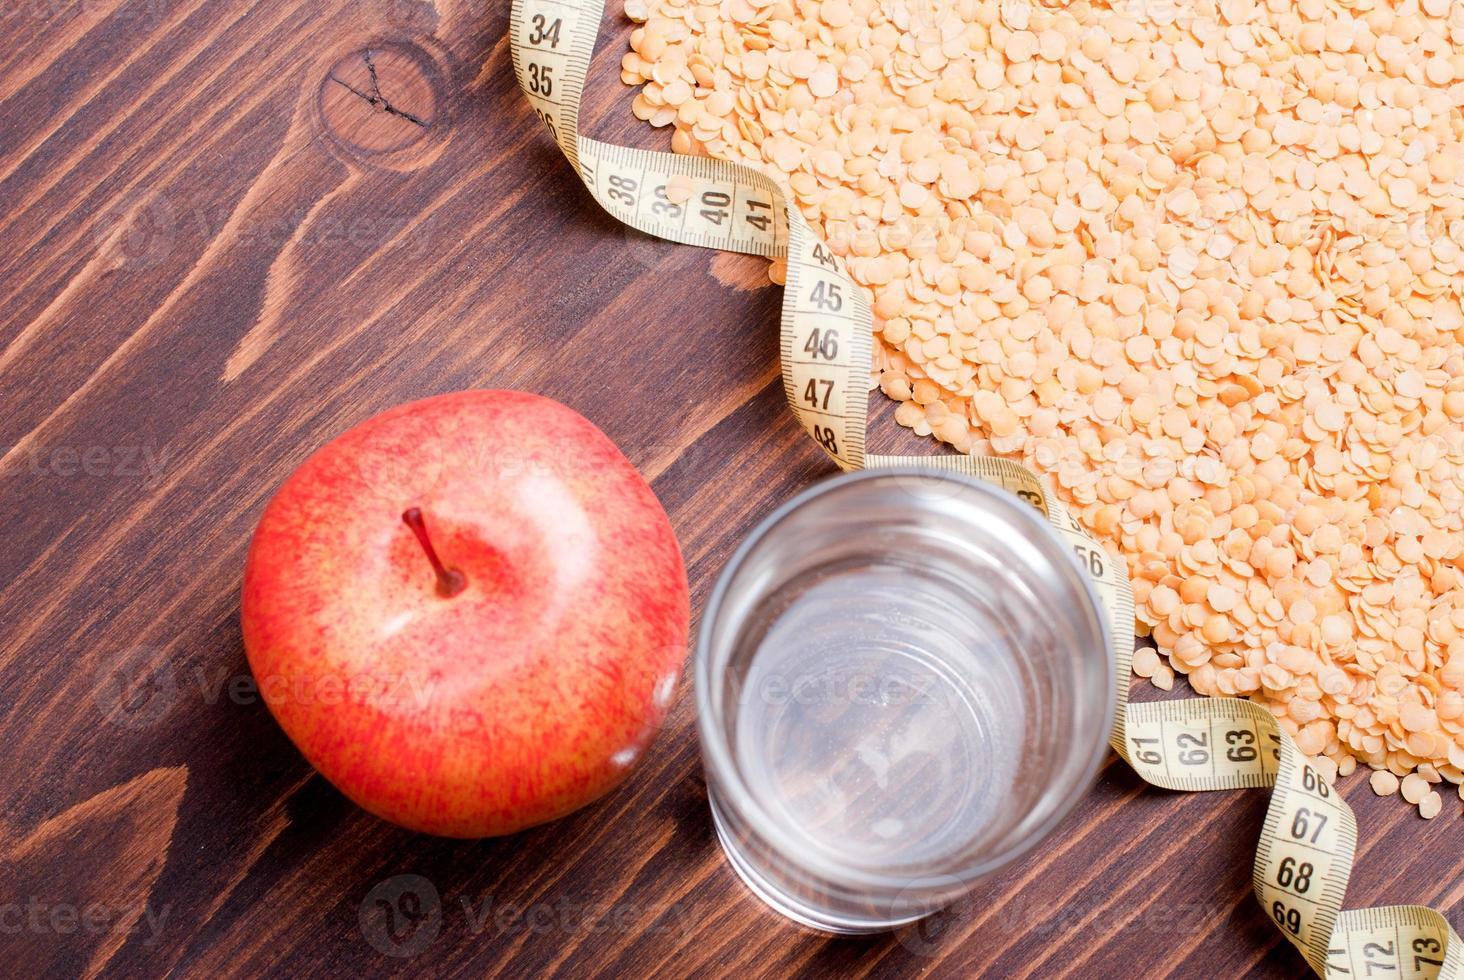 lentejas crudas a bordo de alimentos dietéticos foto